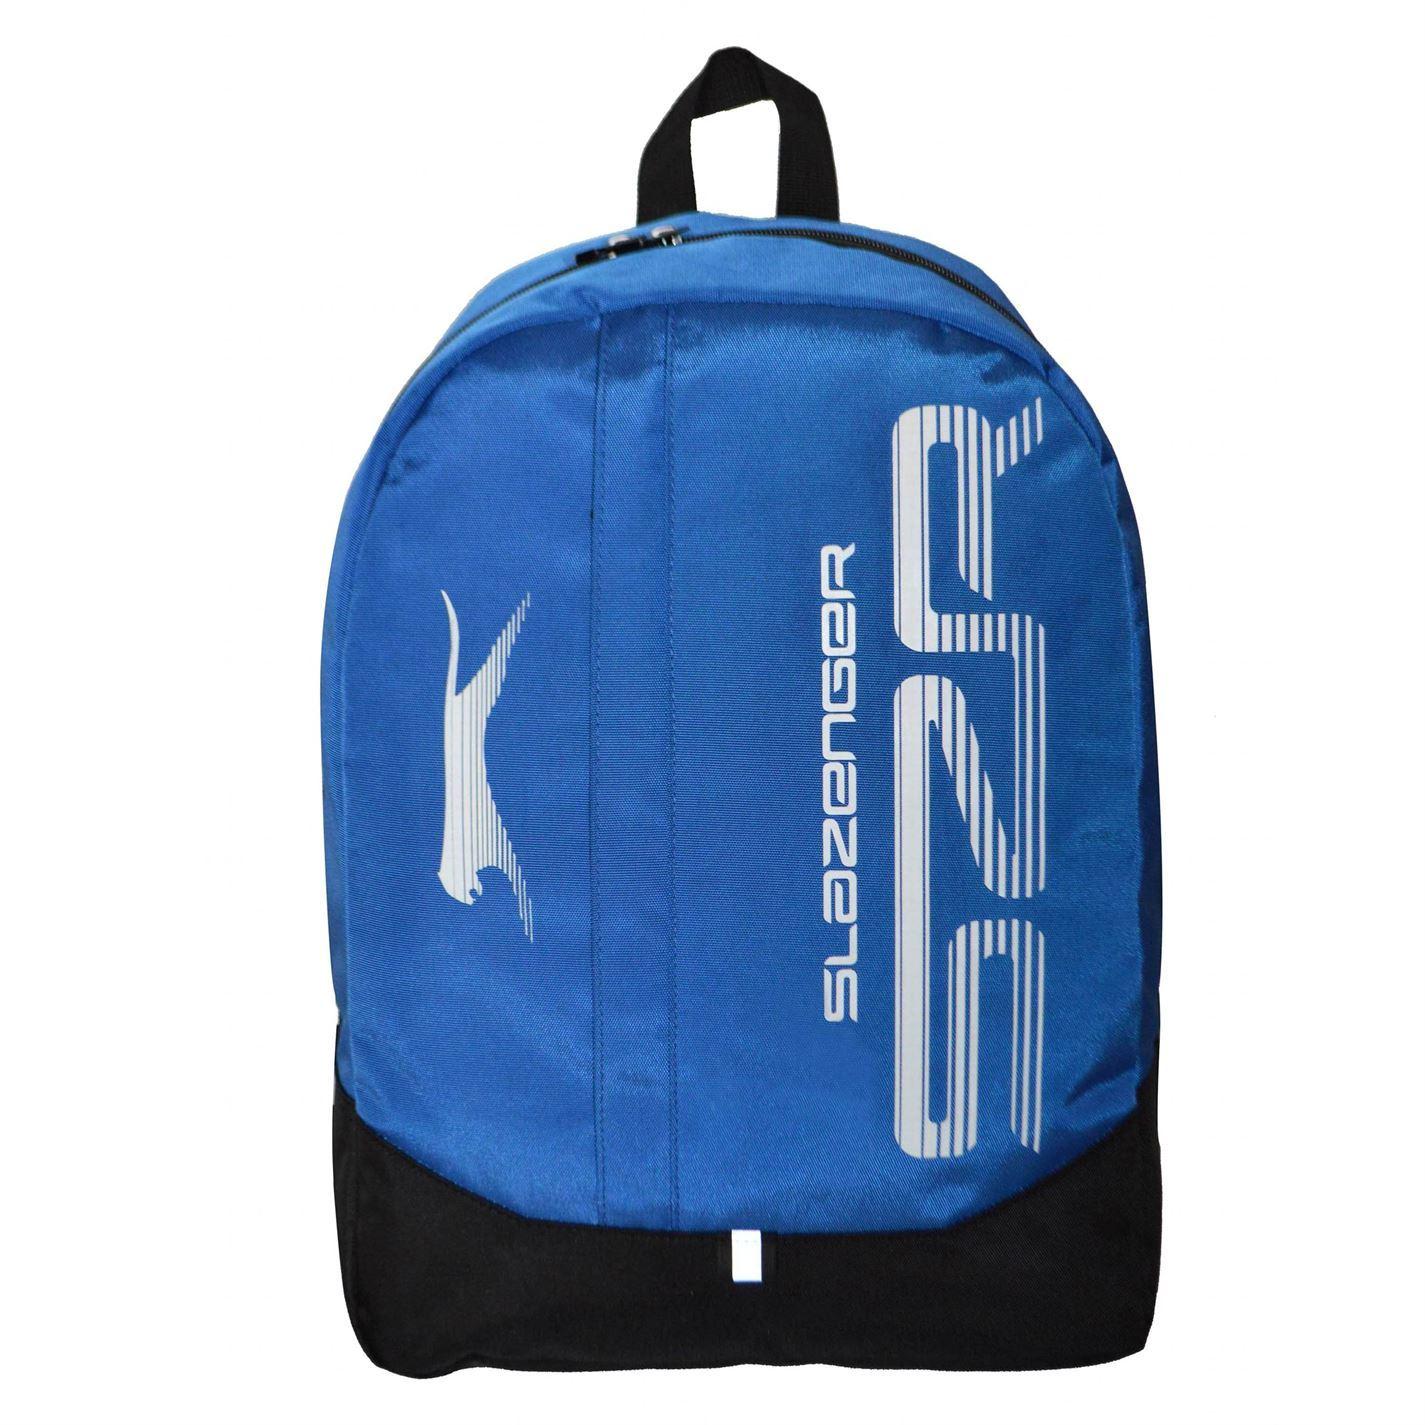 Slazenger Large Logo Backpack Blue Black Rucksack Sports Bag Gymbag Kitbag